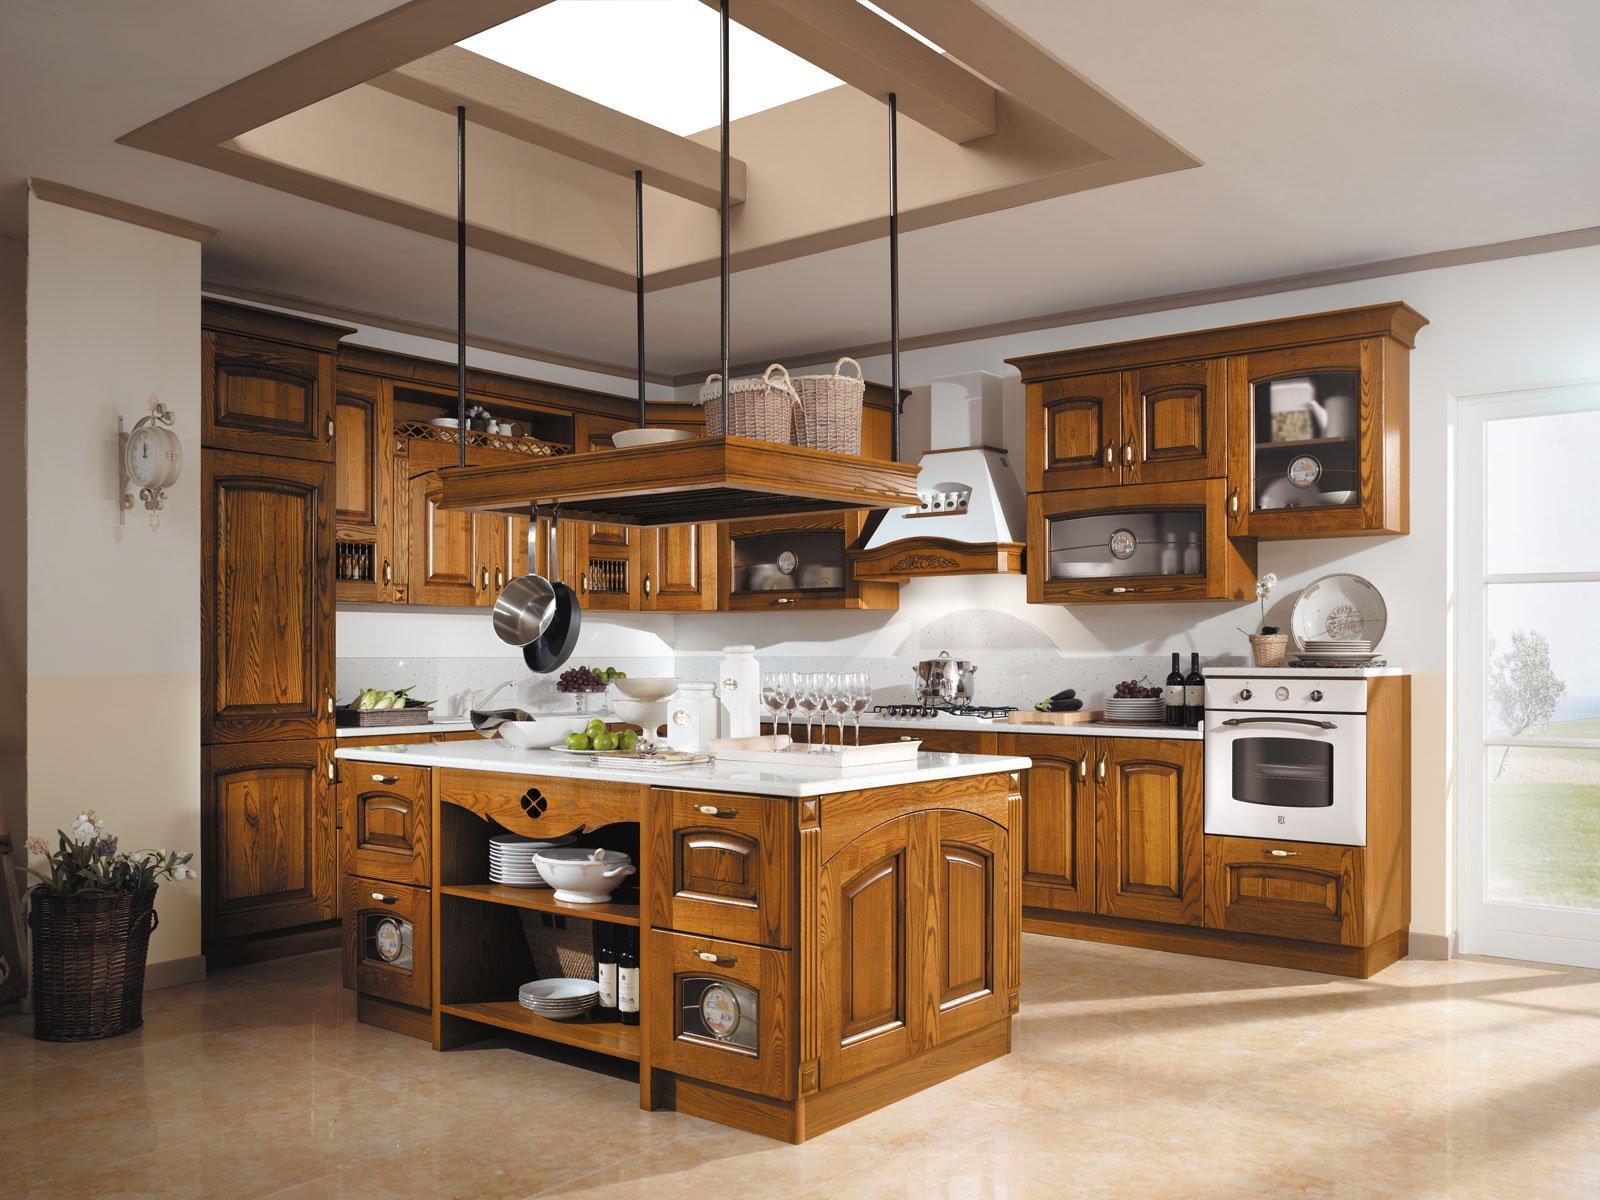 Cucine in legno tradizionali country o moderne cose di casa - Dipingere ante cucina in legno ...